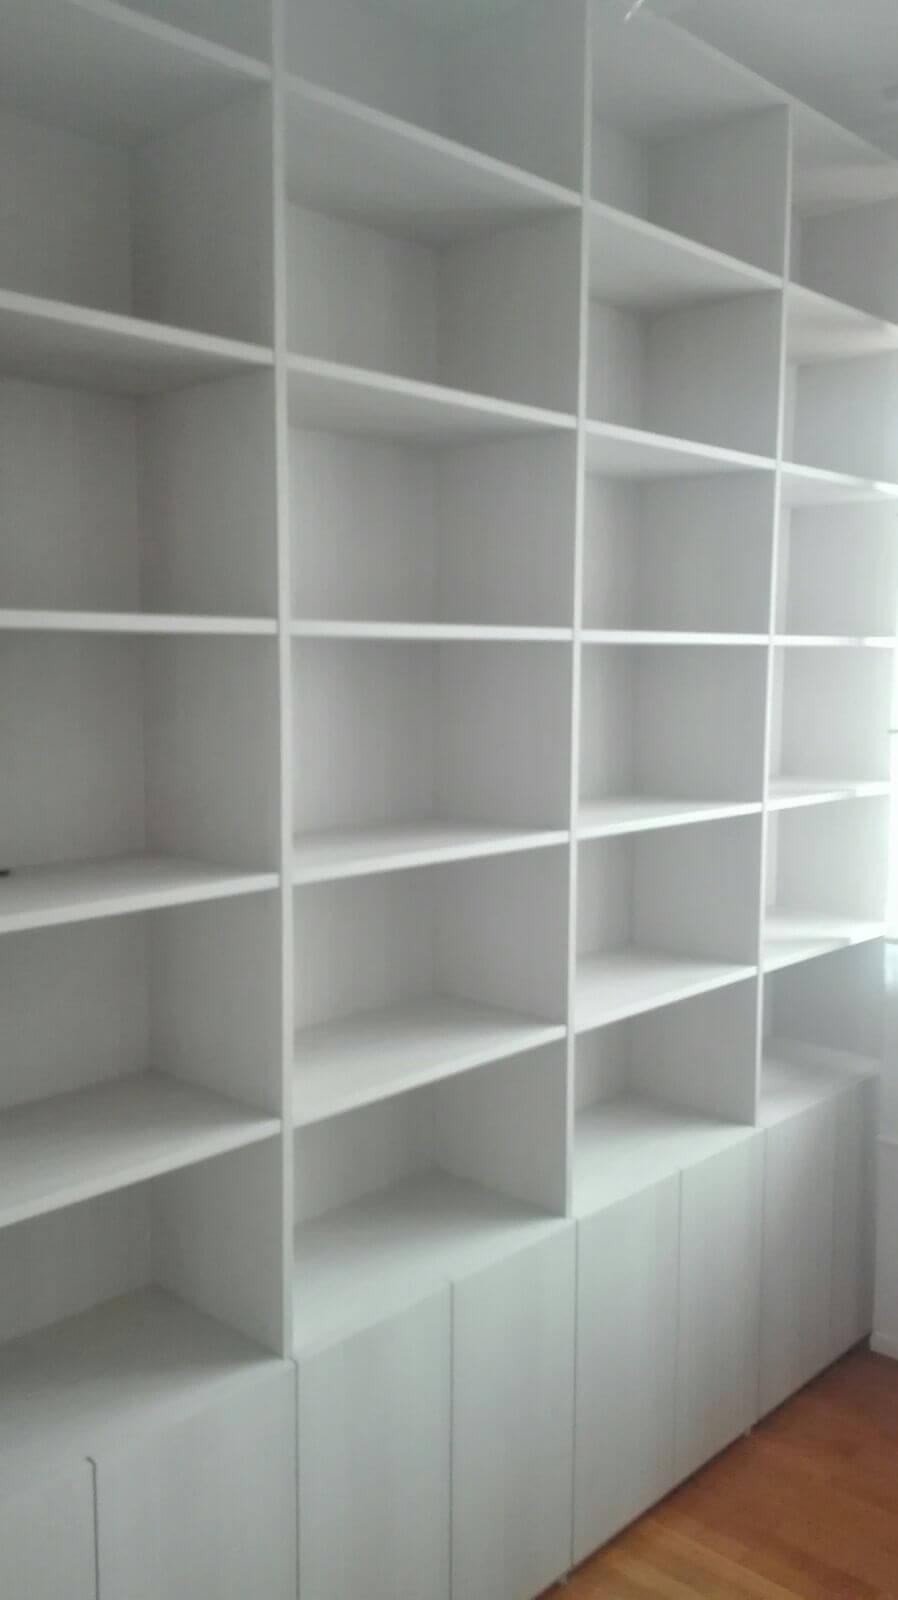 Libreria per studio/ufficio realizzata dalla Falegnameria Berardi a Torino